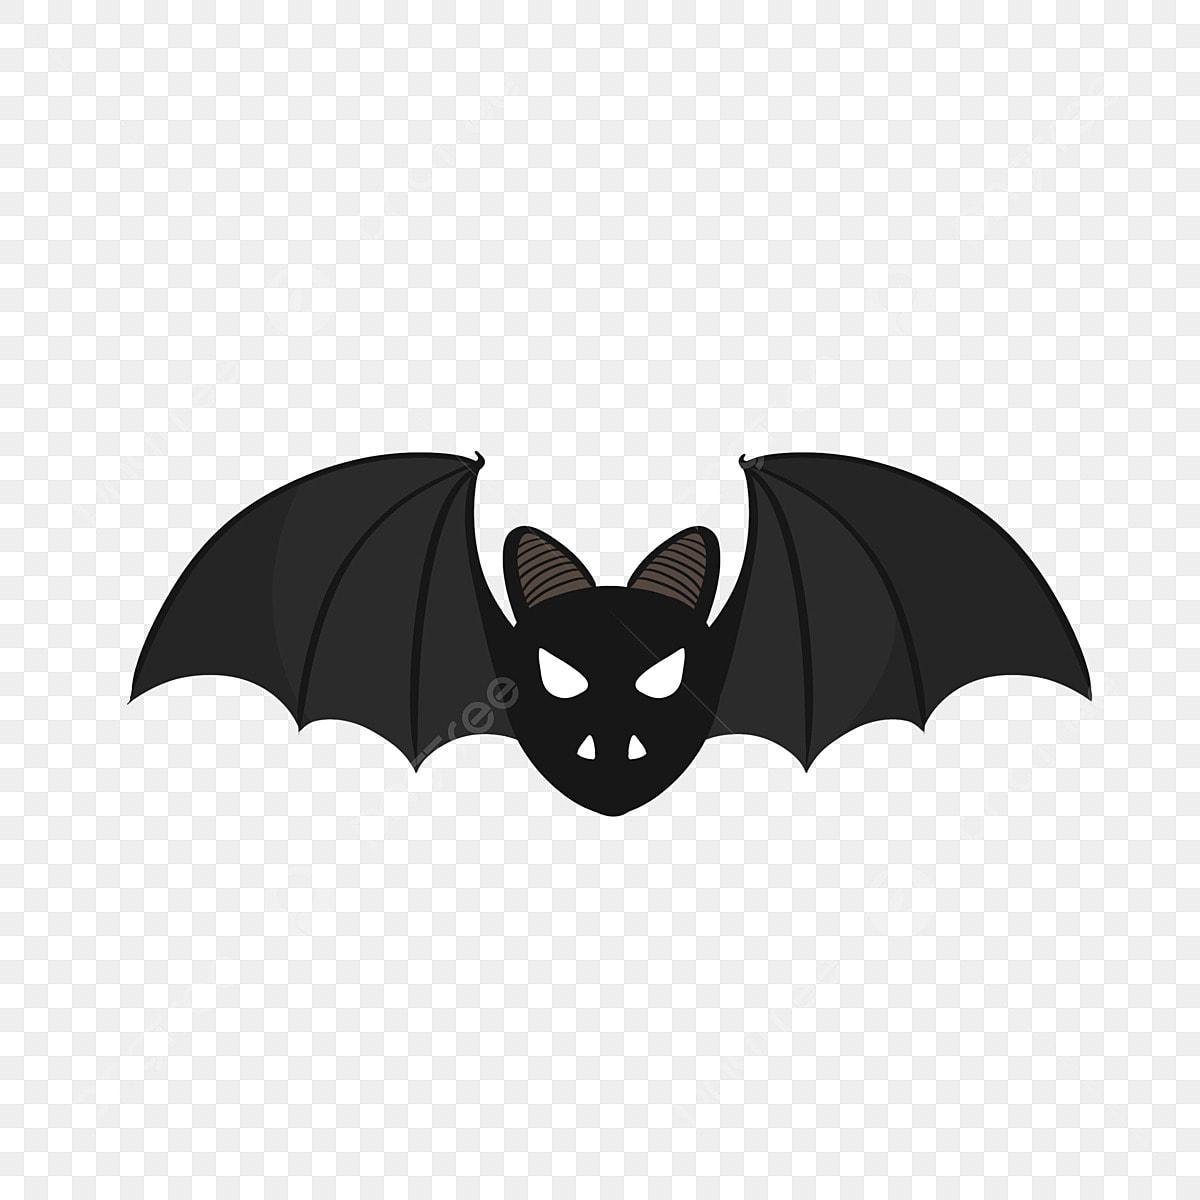 Bats Stock Illustrations – 24,718 Bats Stock Illustrations, Vectors &  Clipart - Dreamstime